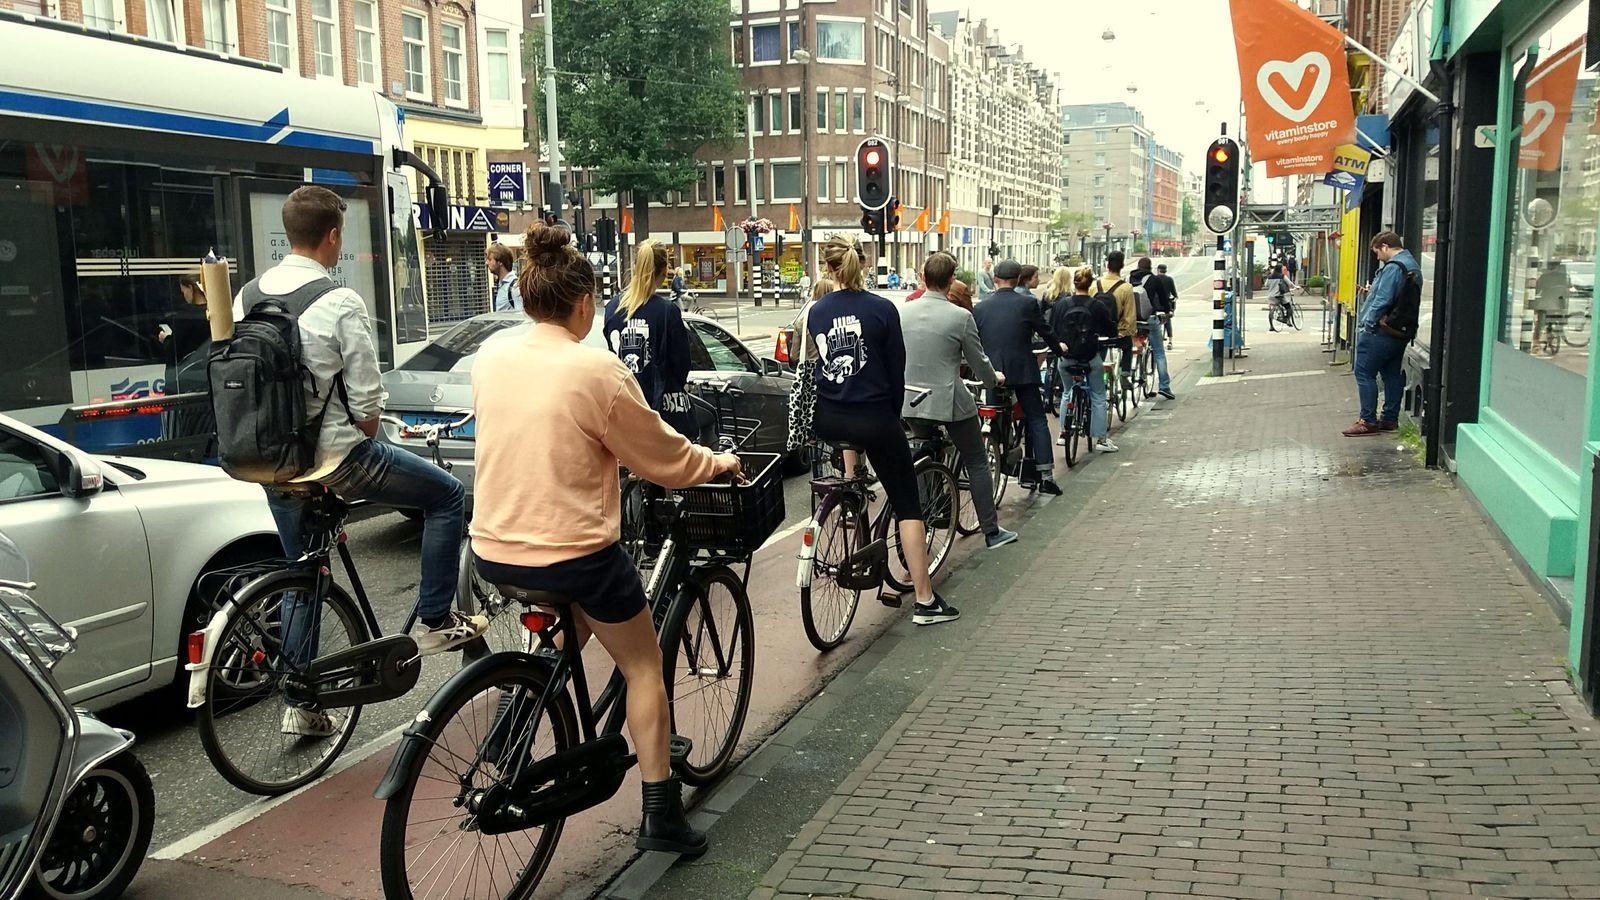 Coadă de bicicliști la un stop în Amsterdam